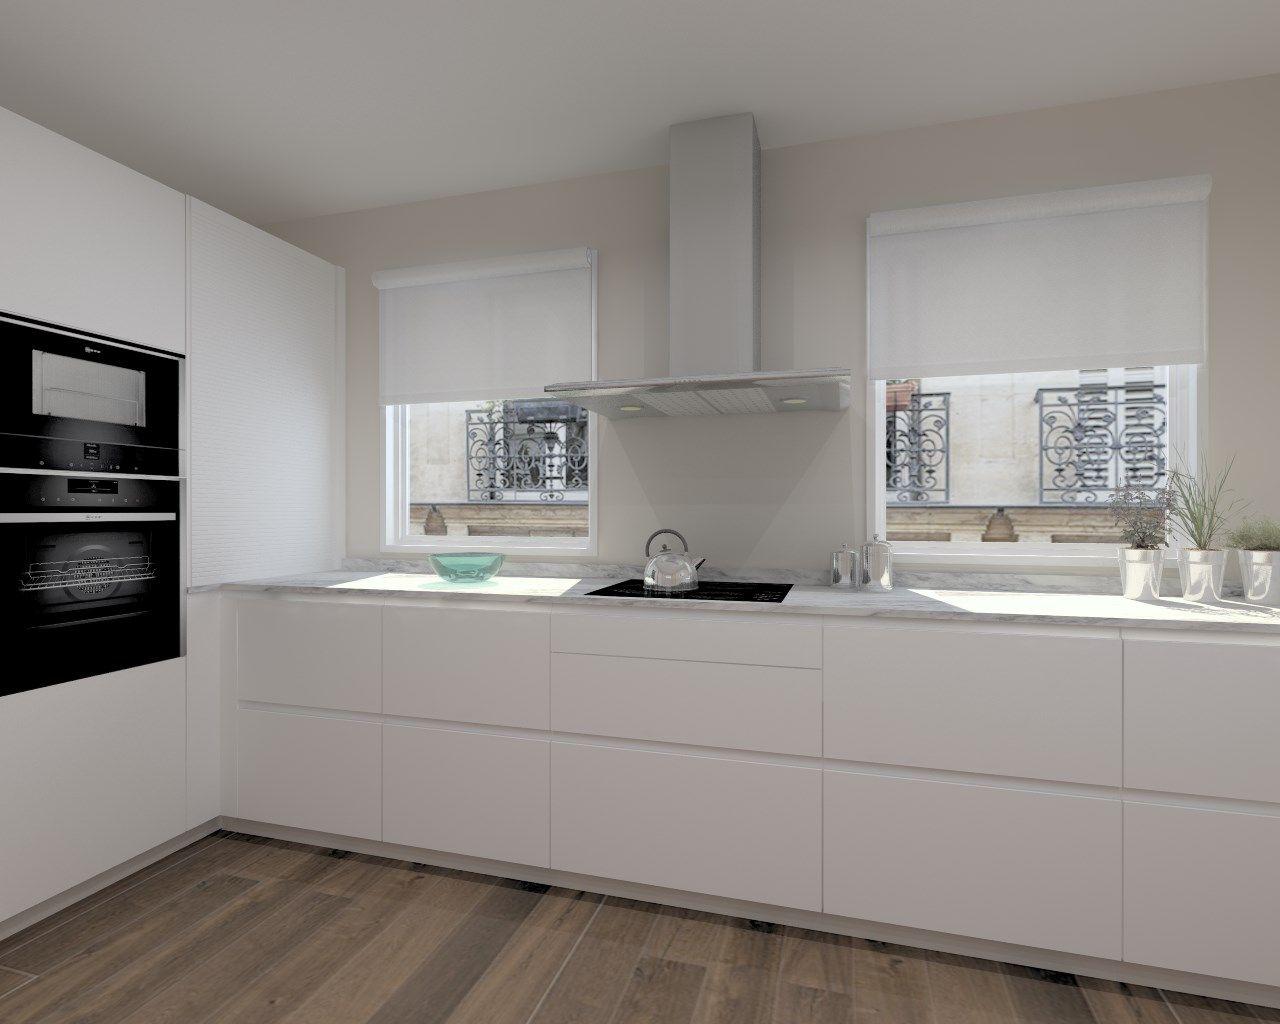 Cocinas santos modelo line laca seda blanco encimera - Encimera granito blanco ...